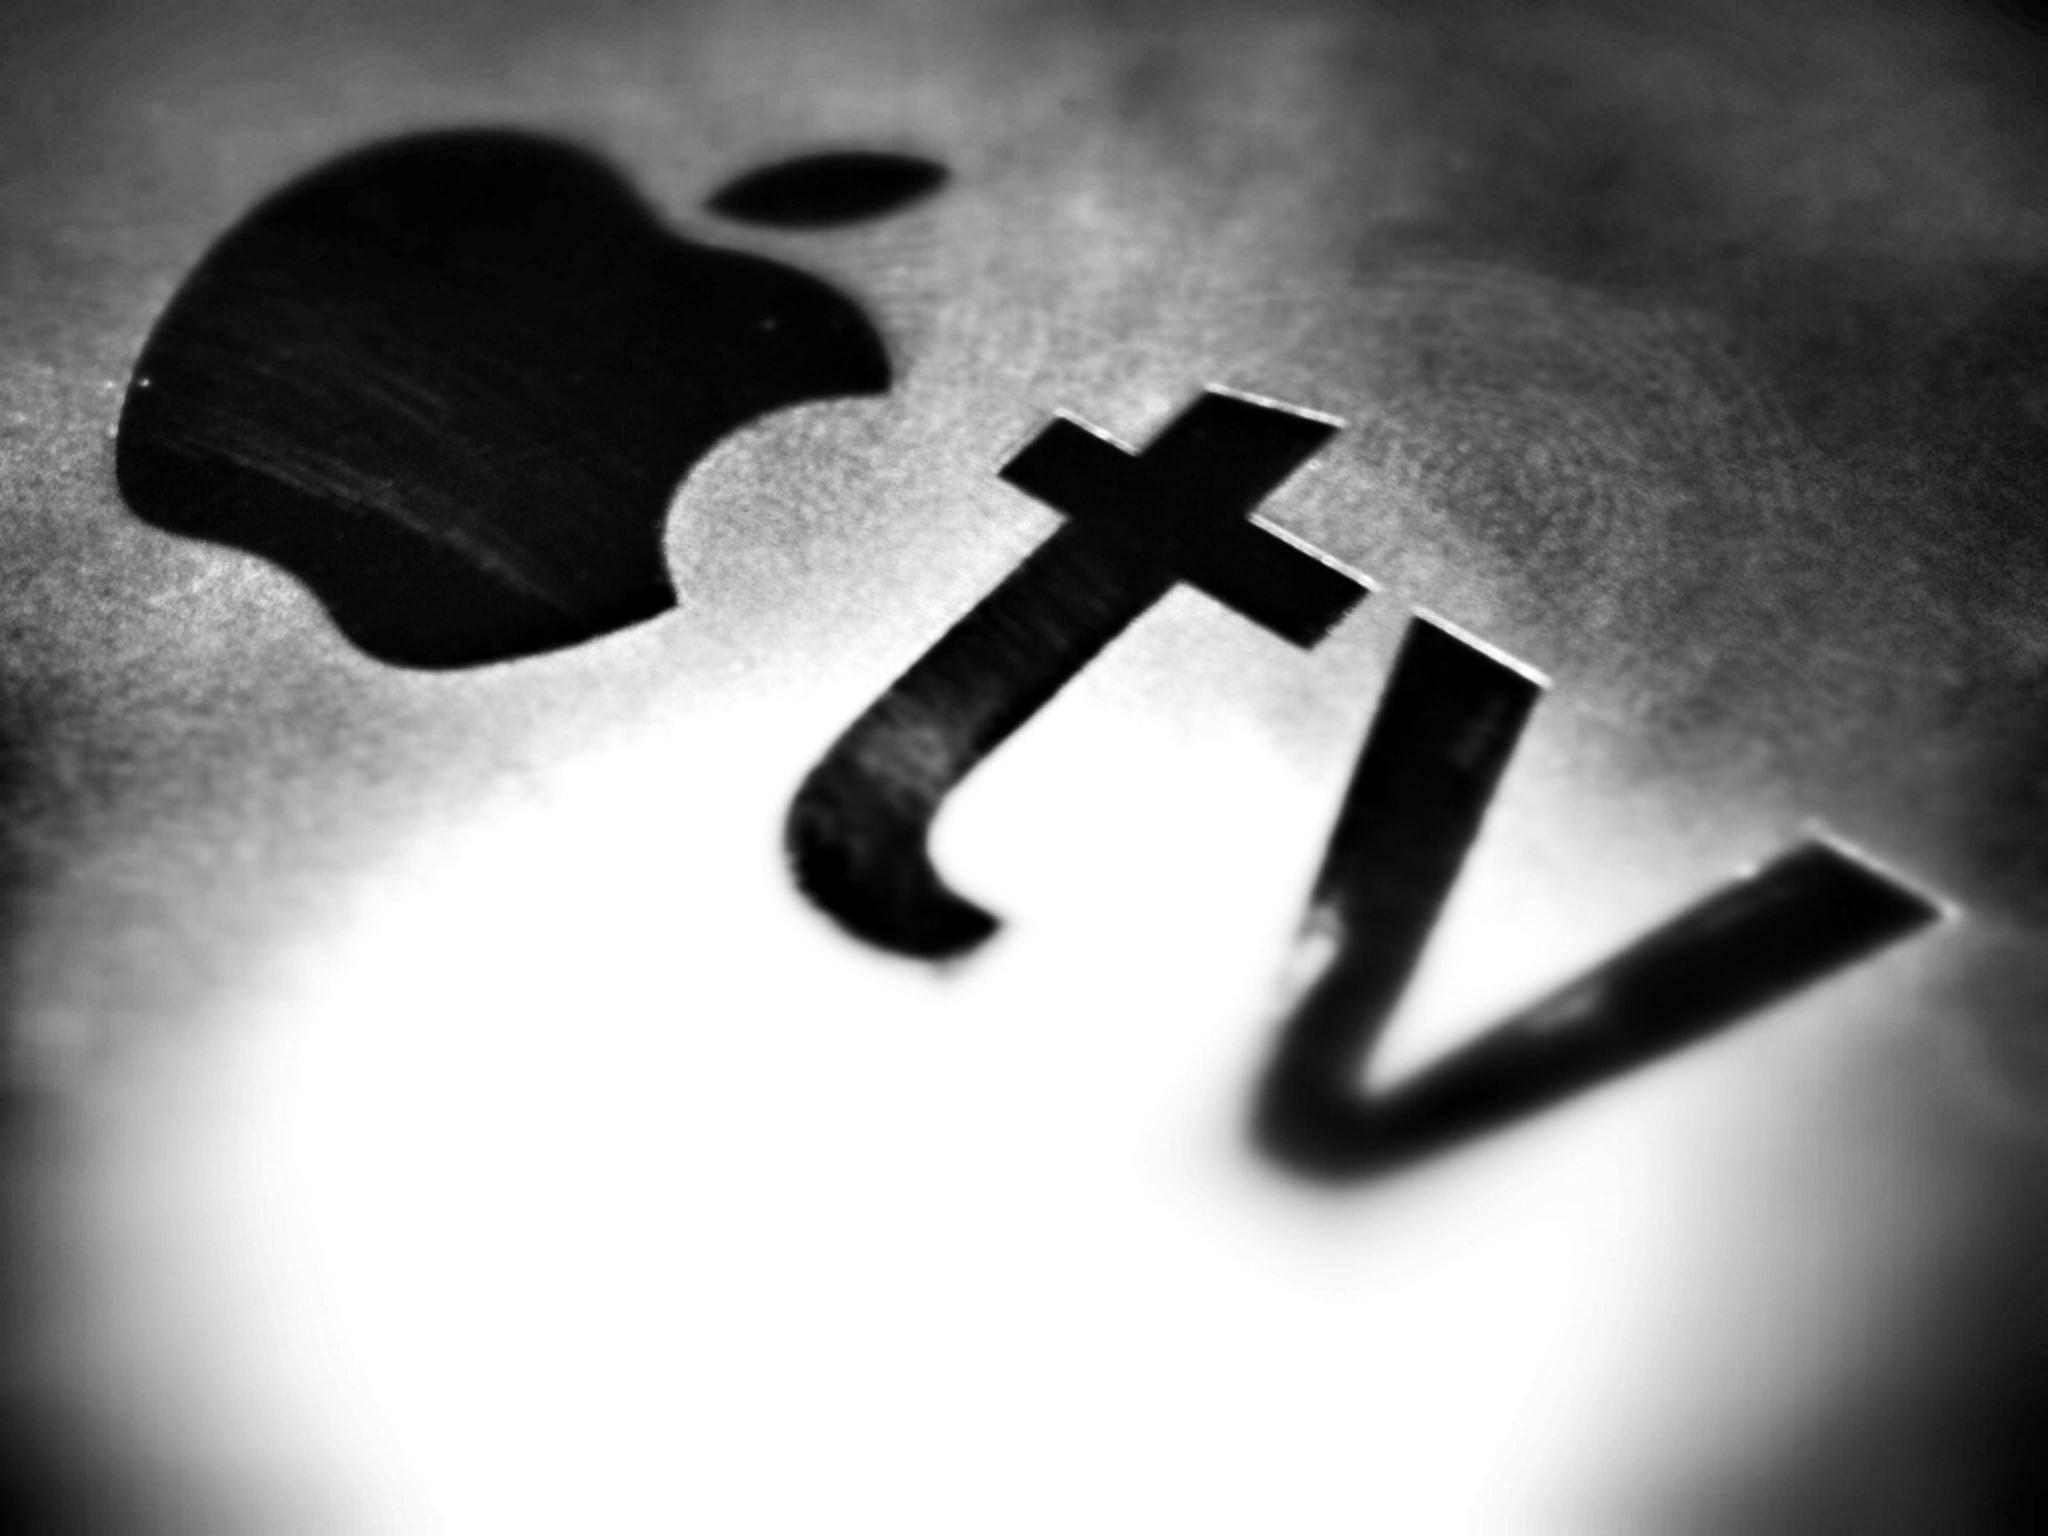 Der geplante Live TV -Service von Apple soll sich weiter verzögern.